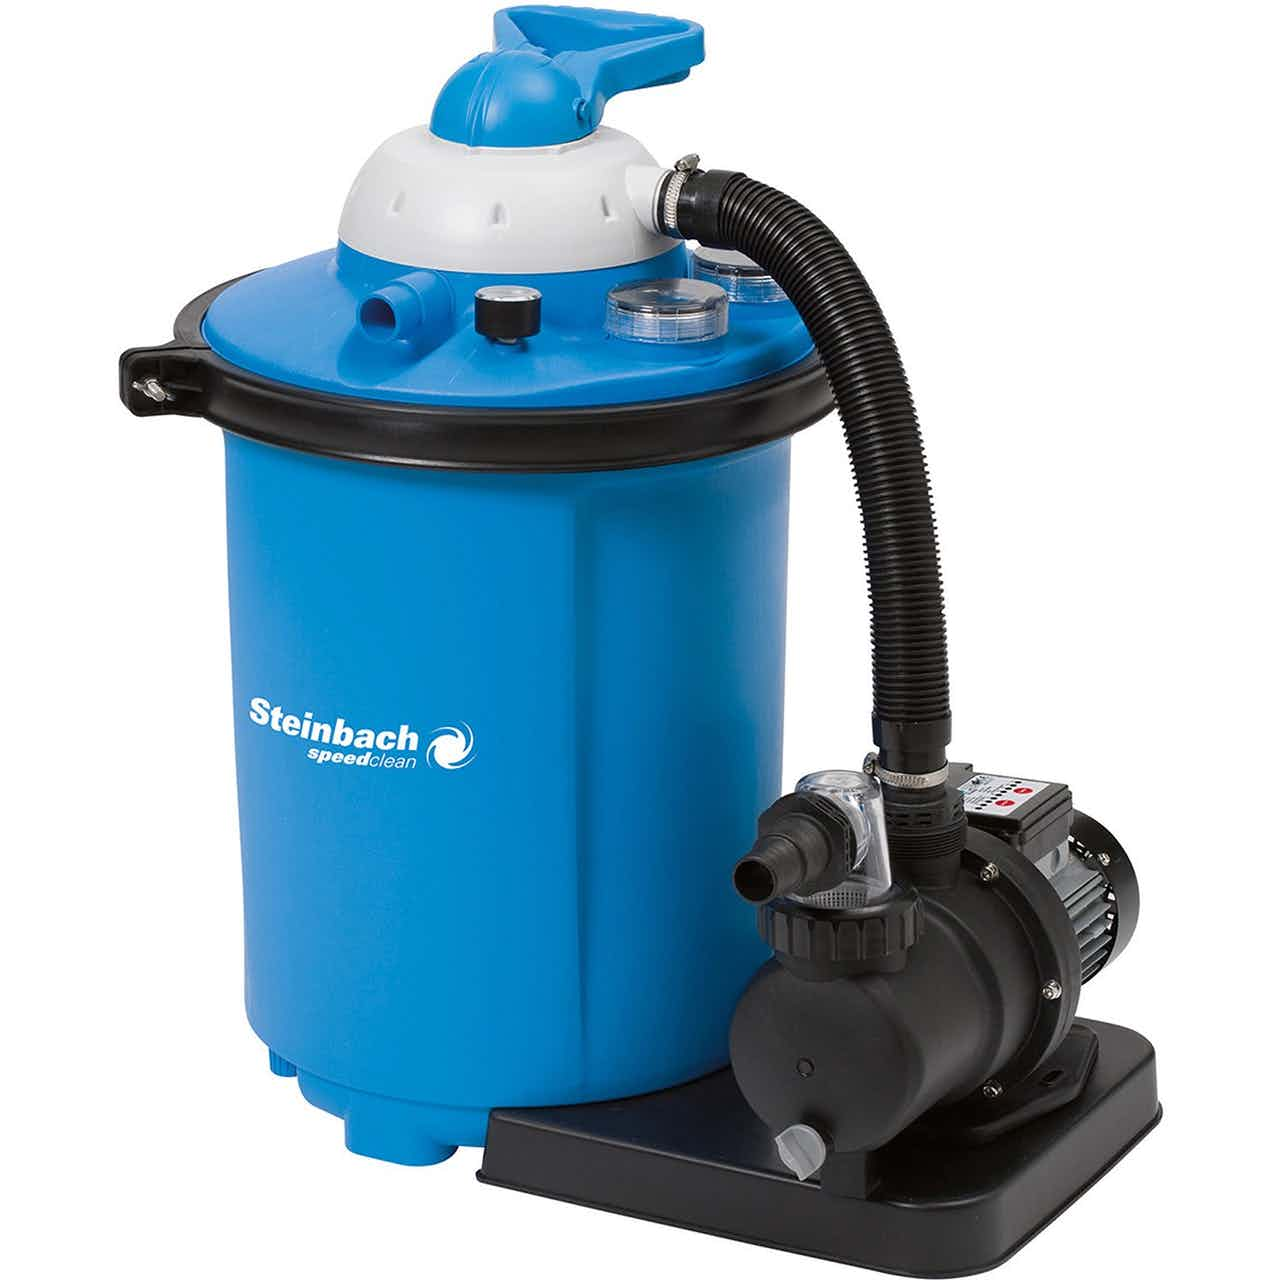 Steinbach Sandfilteranlage Speed Clean Comfort 75 für Pools bis 40 m³ 550 W